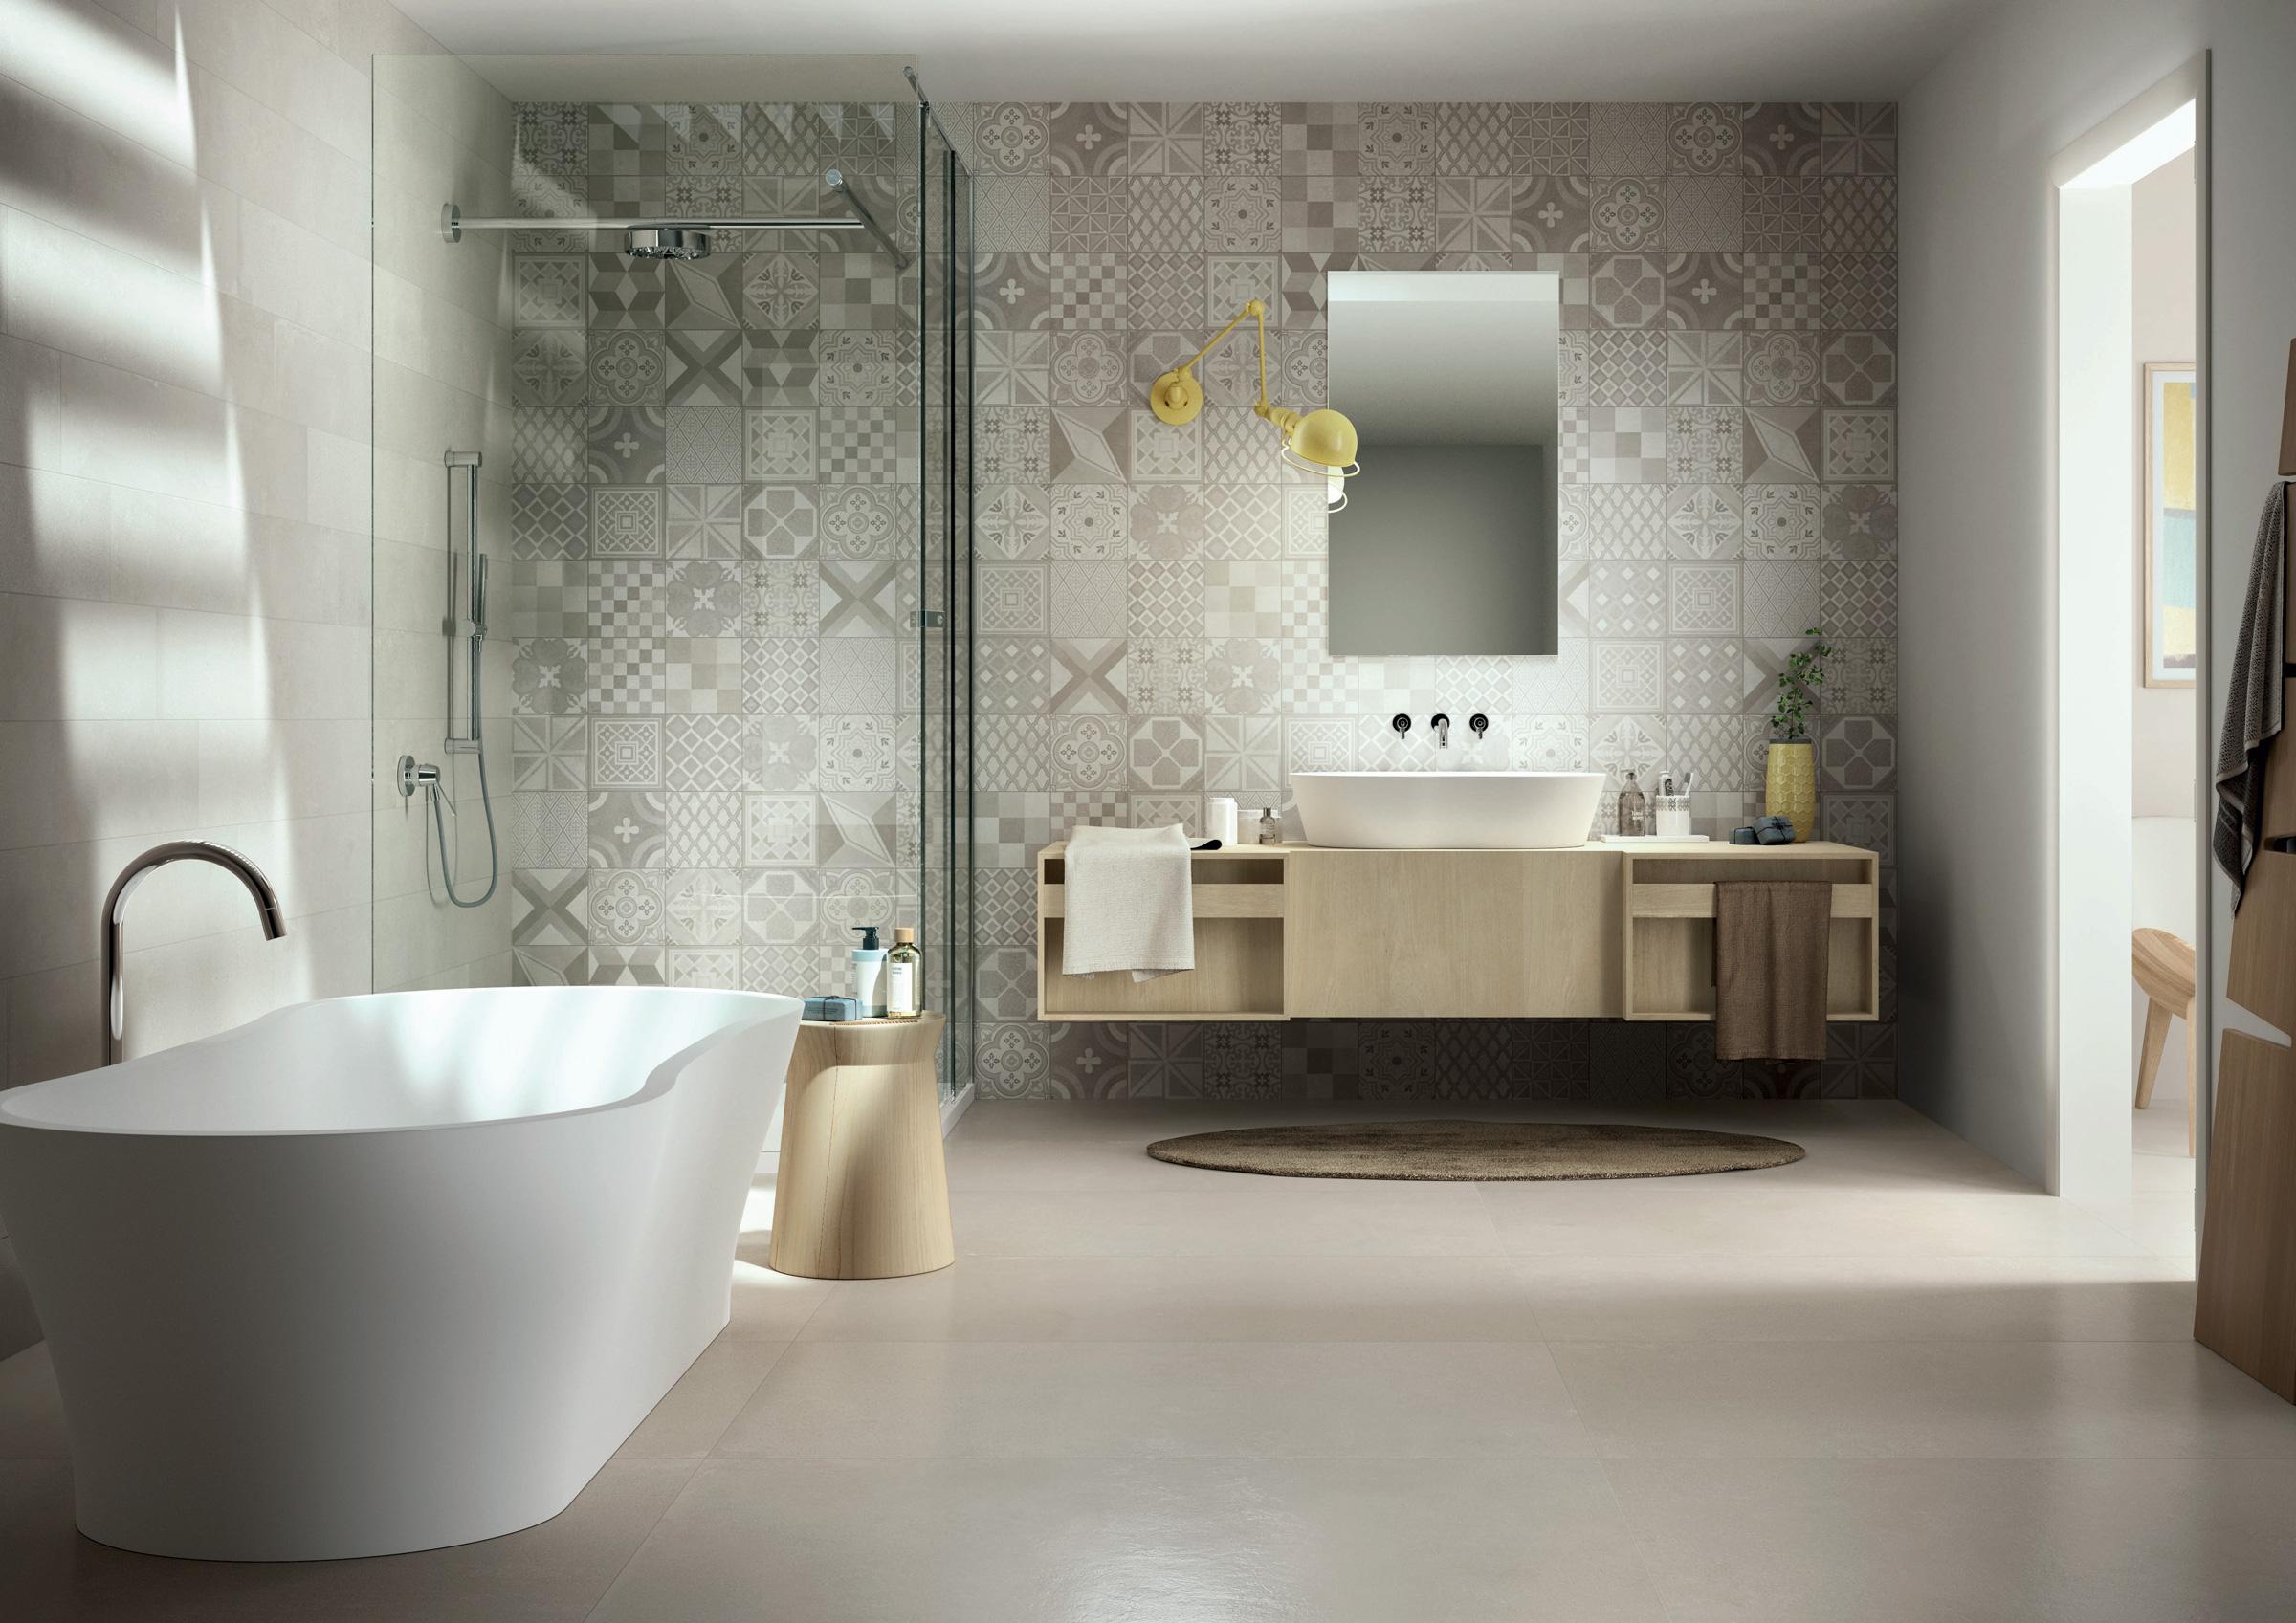 un large choix de produits prsents au sein de notre boutique vous permettra de crer votre salle de bain de rve sur mesure